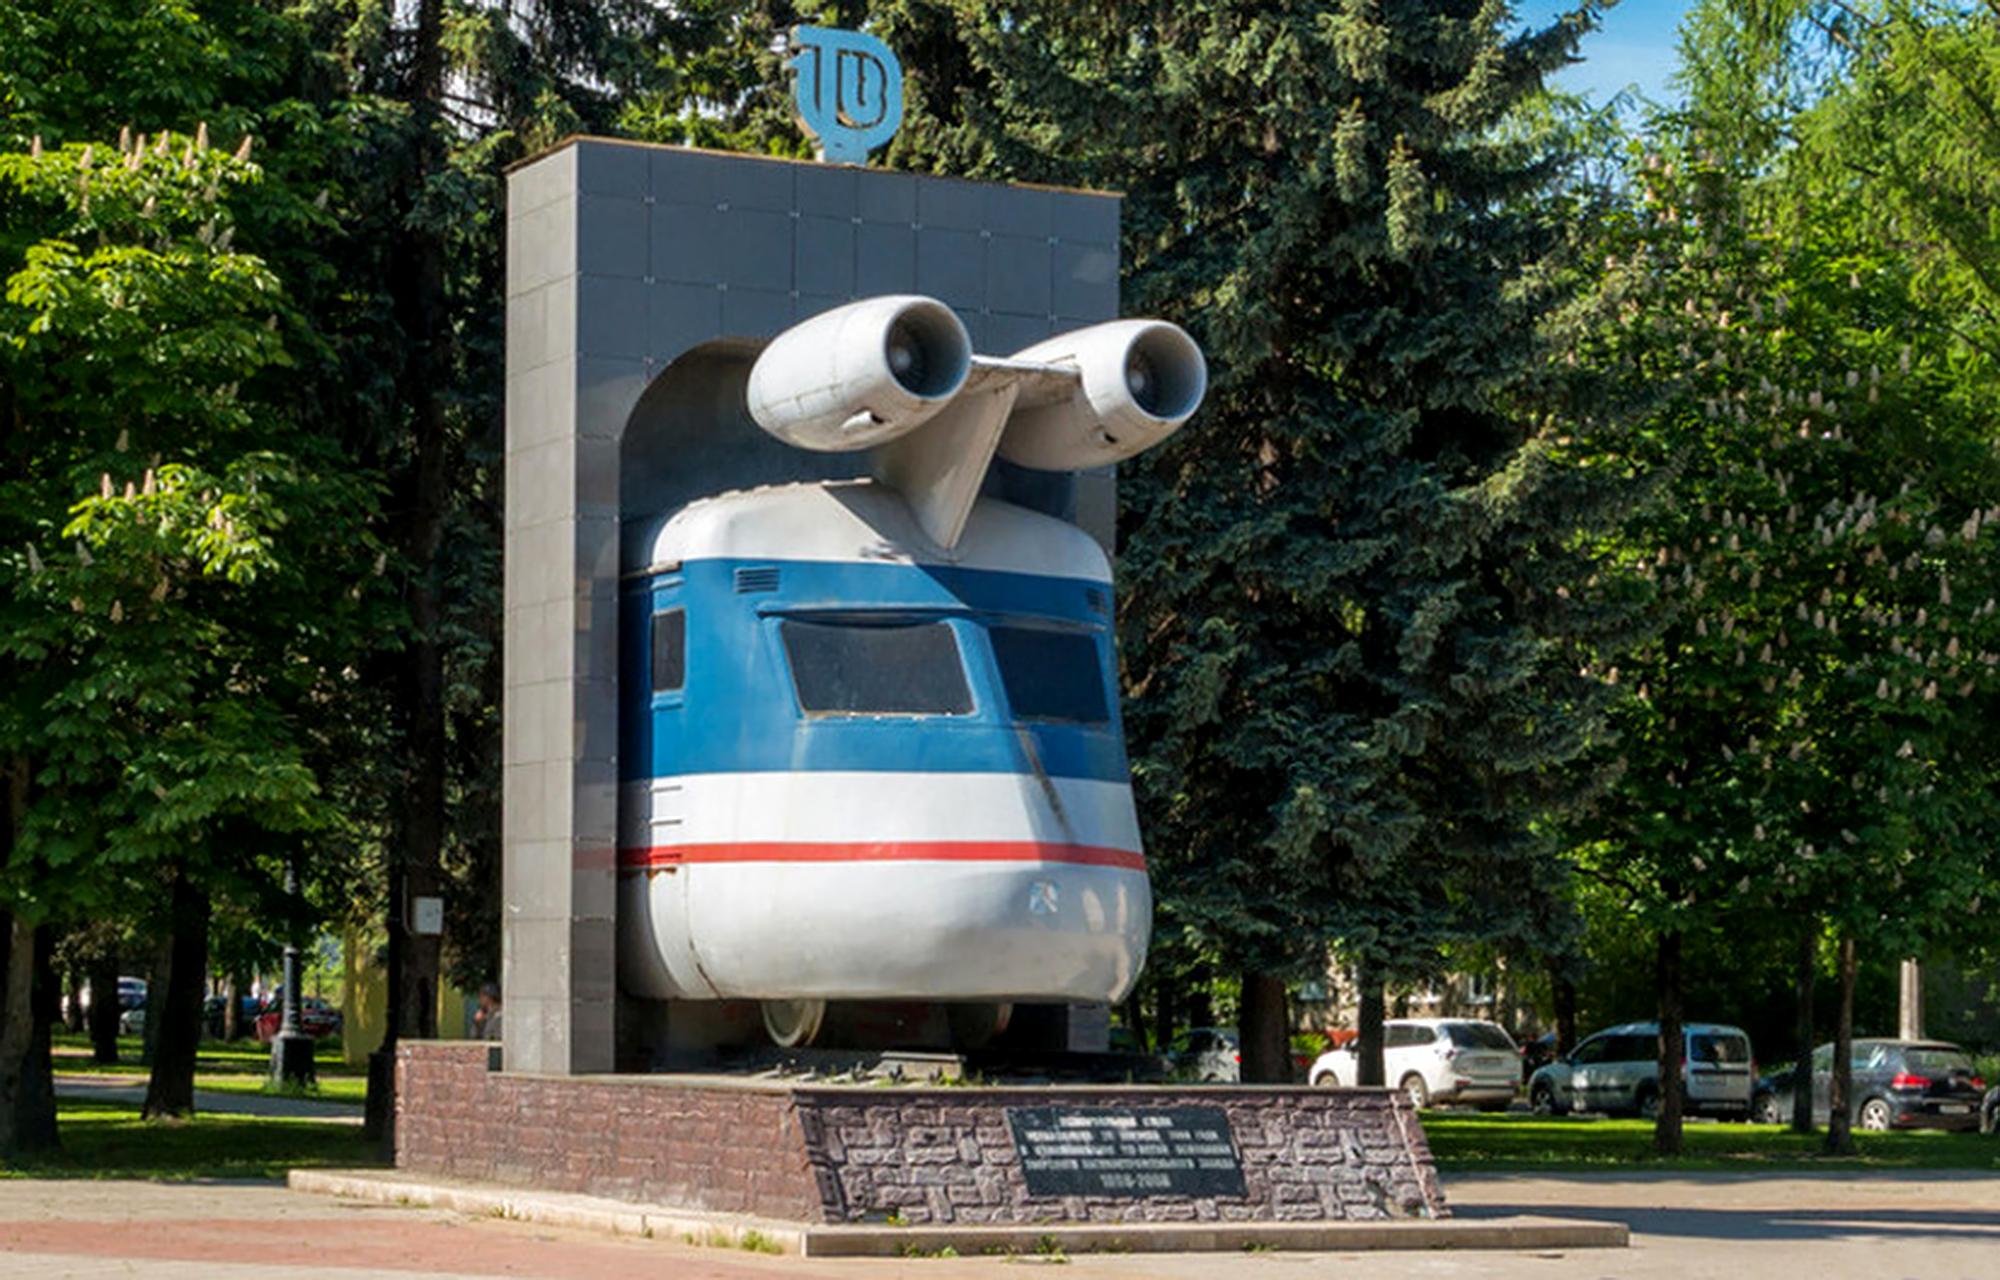 Жителей Верхневолжья приглашают проголосовать за памятник турбореактивному вагону в Твери